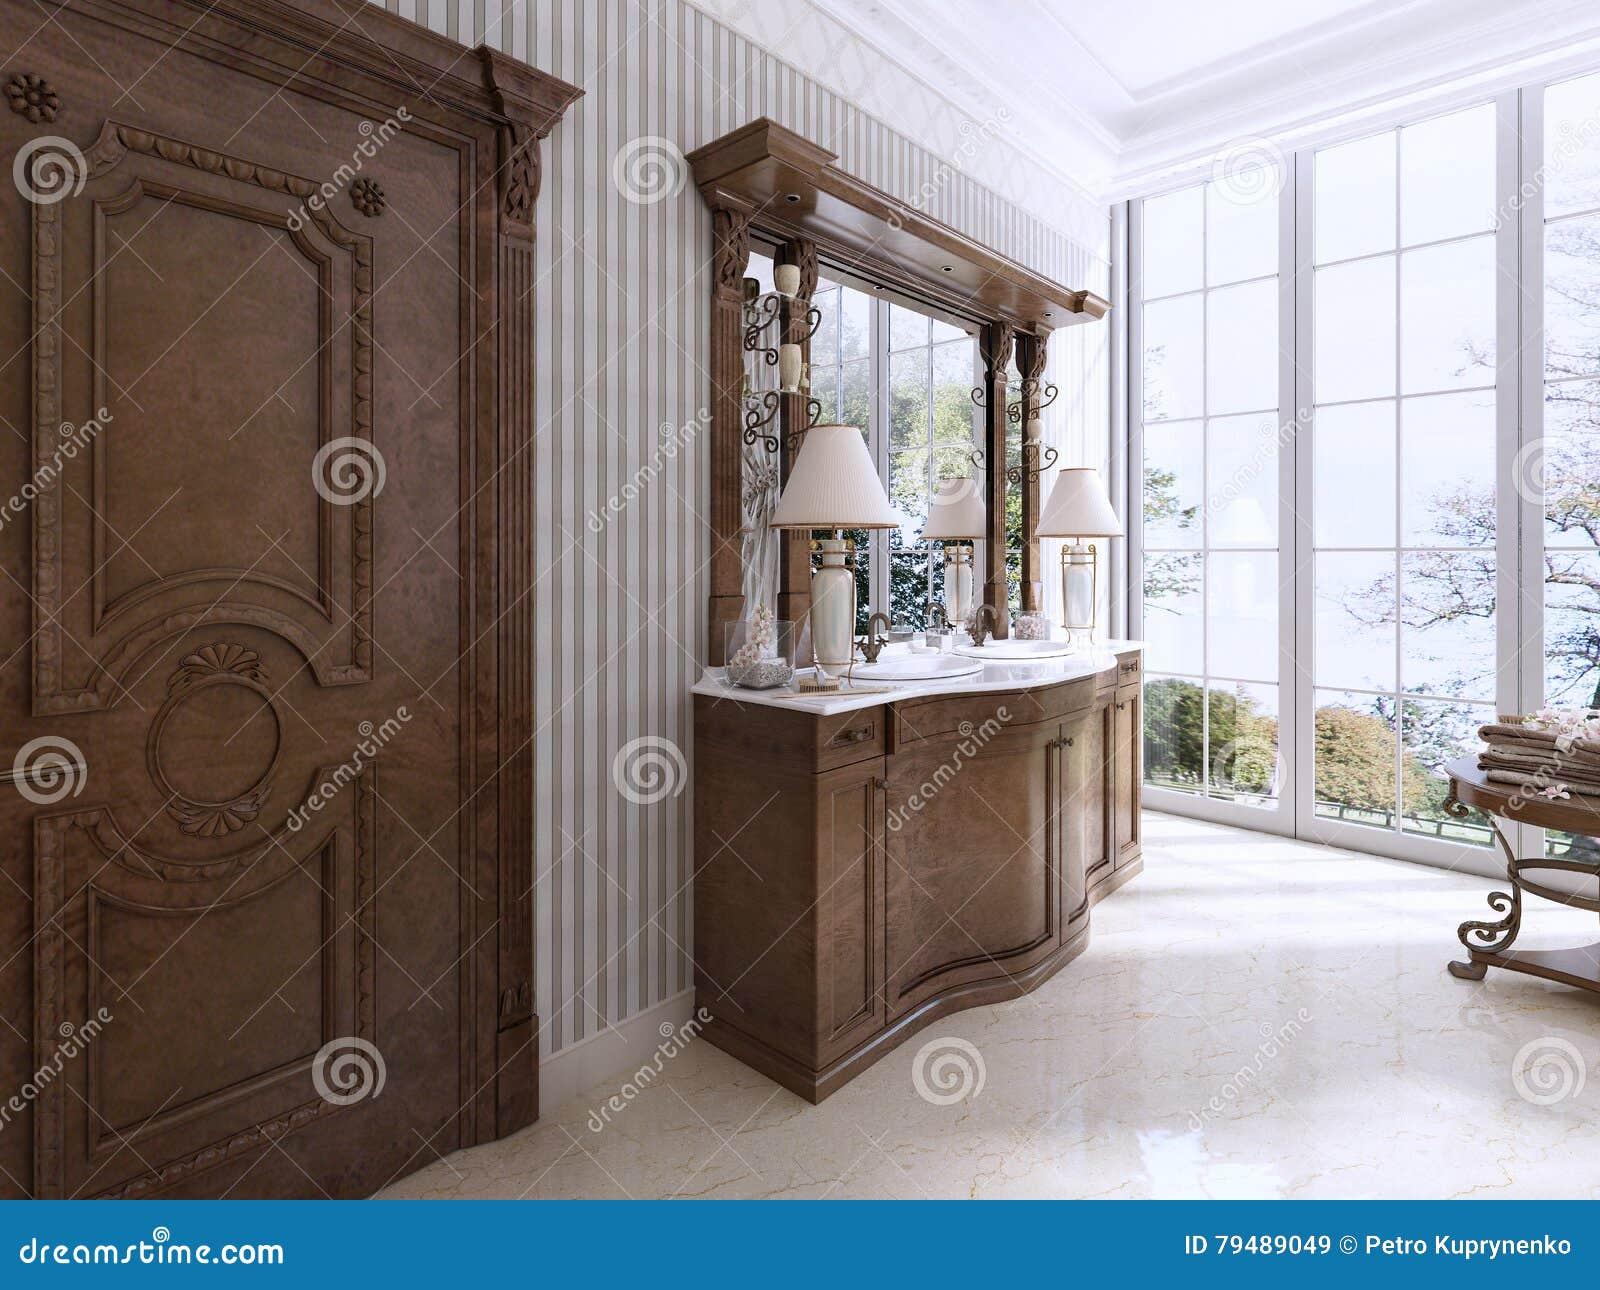 Muebles Neocl Sicos De Lujo En Estilo Moderno En El Cuarto De Ba O  # Muebles Neoclasicos Modernos